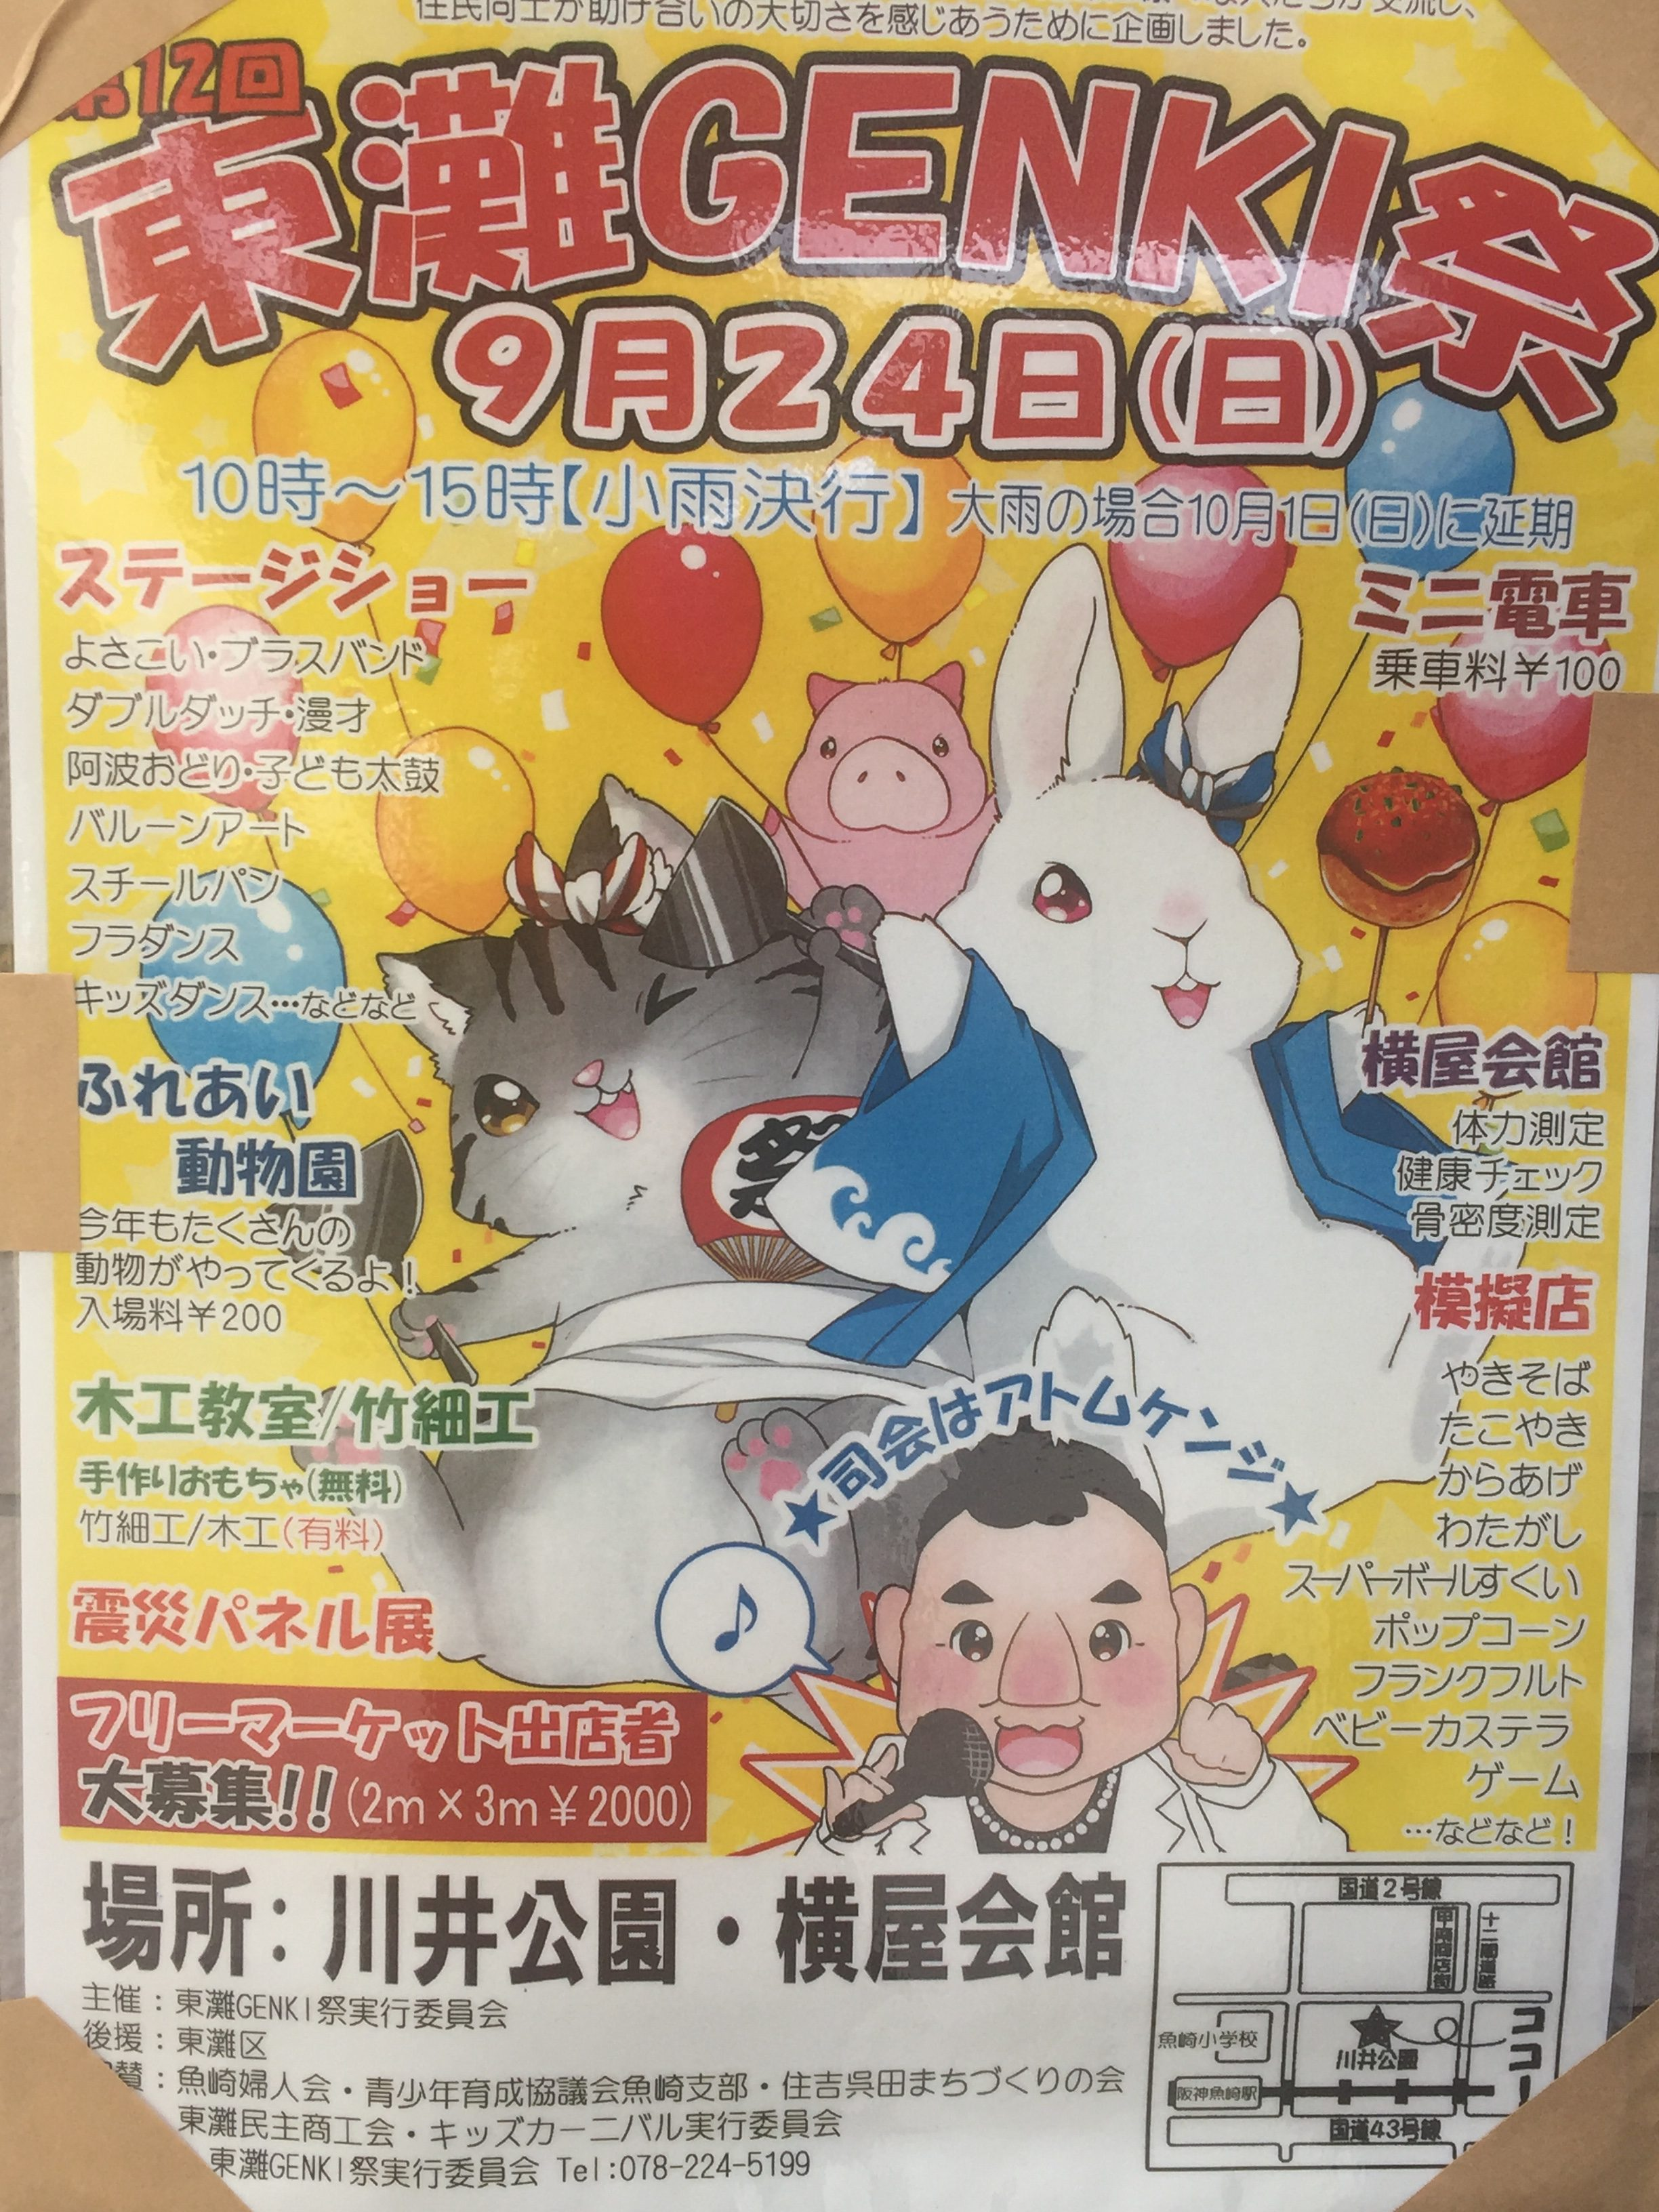 第12回東灘GENKI祭が9月24日(日)に魚崎・川井公園で開催されるよ #東灘GENKI祭